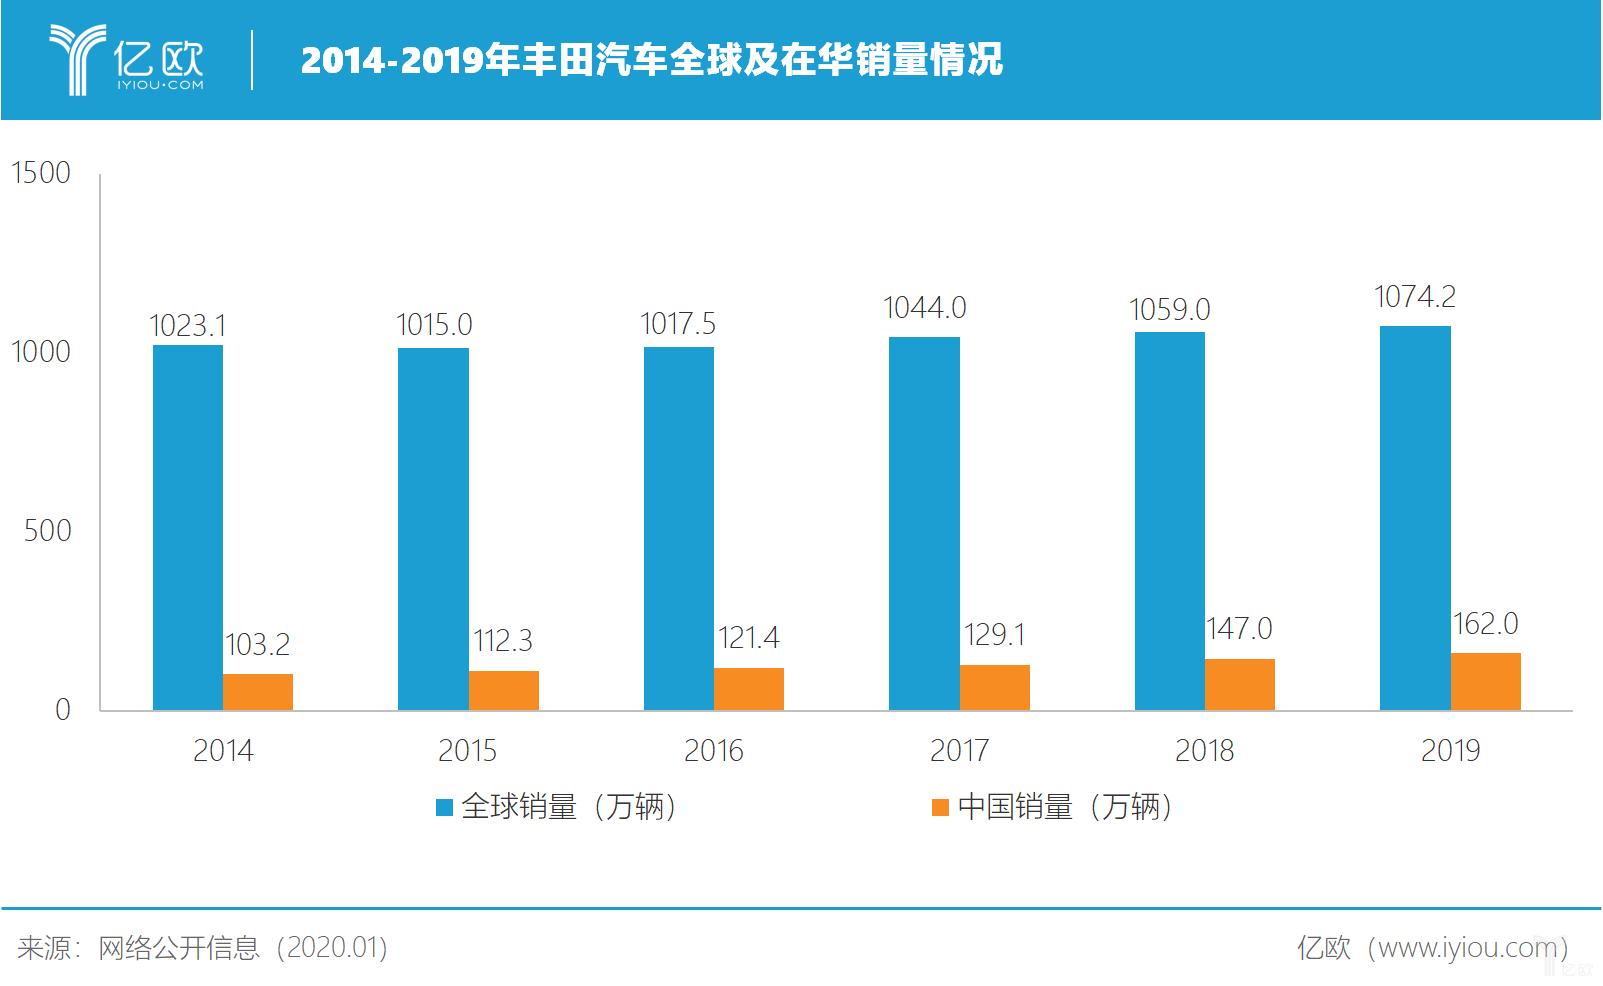 2014-2019年丰田汽车全球销量及在华销量情况